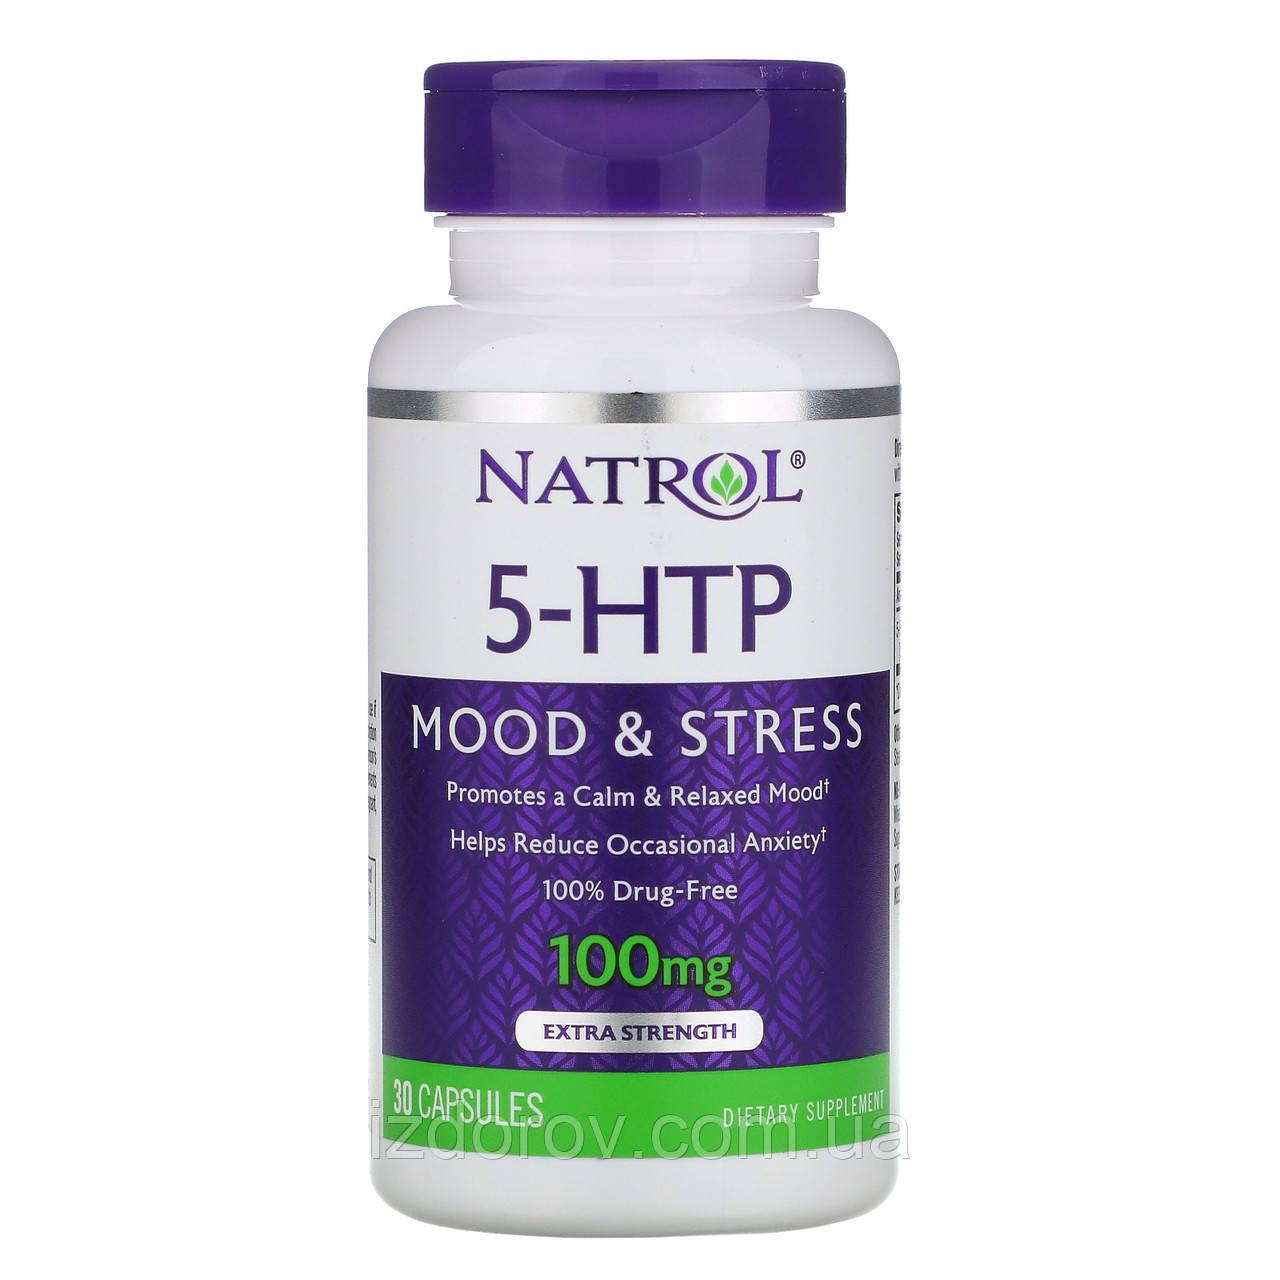 Natrol, 5-HTP, 100 мг, 5-гідрокси L-триптофан, 30 капсул